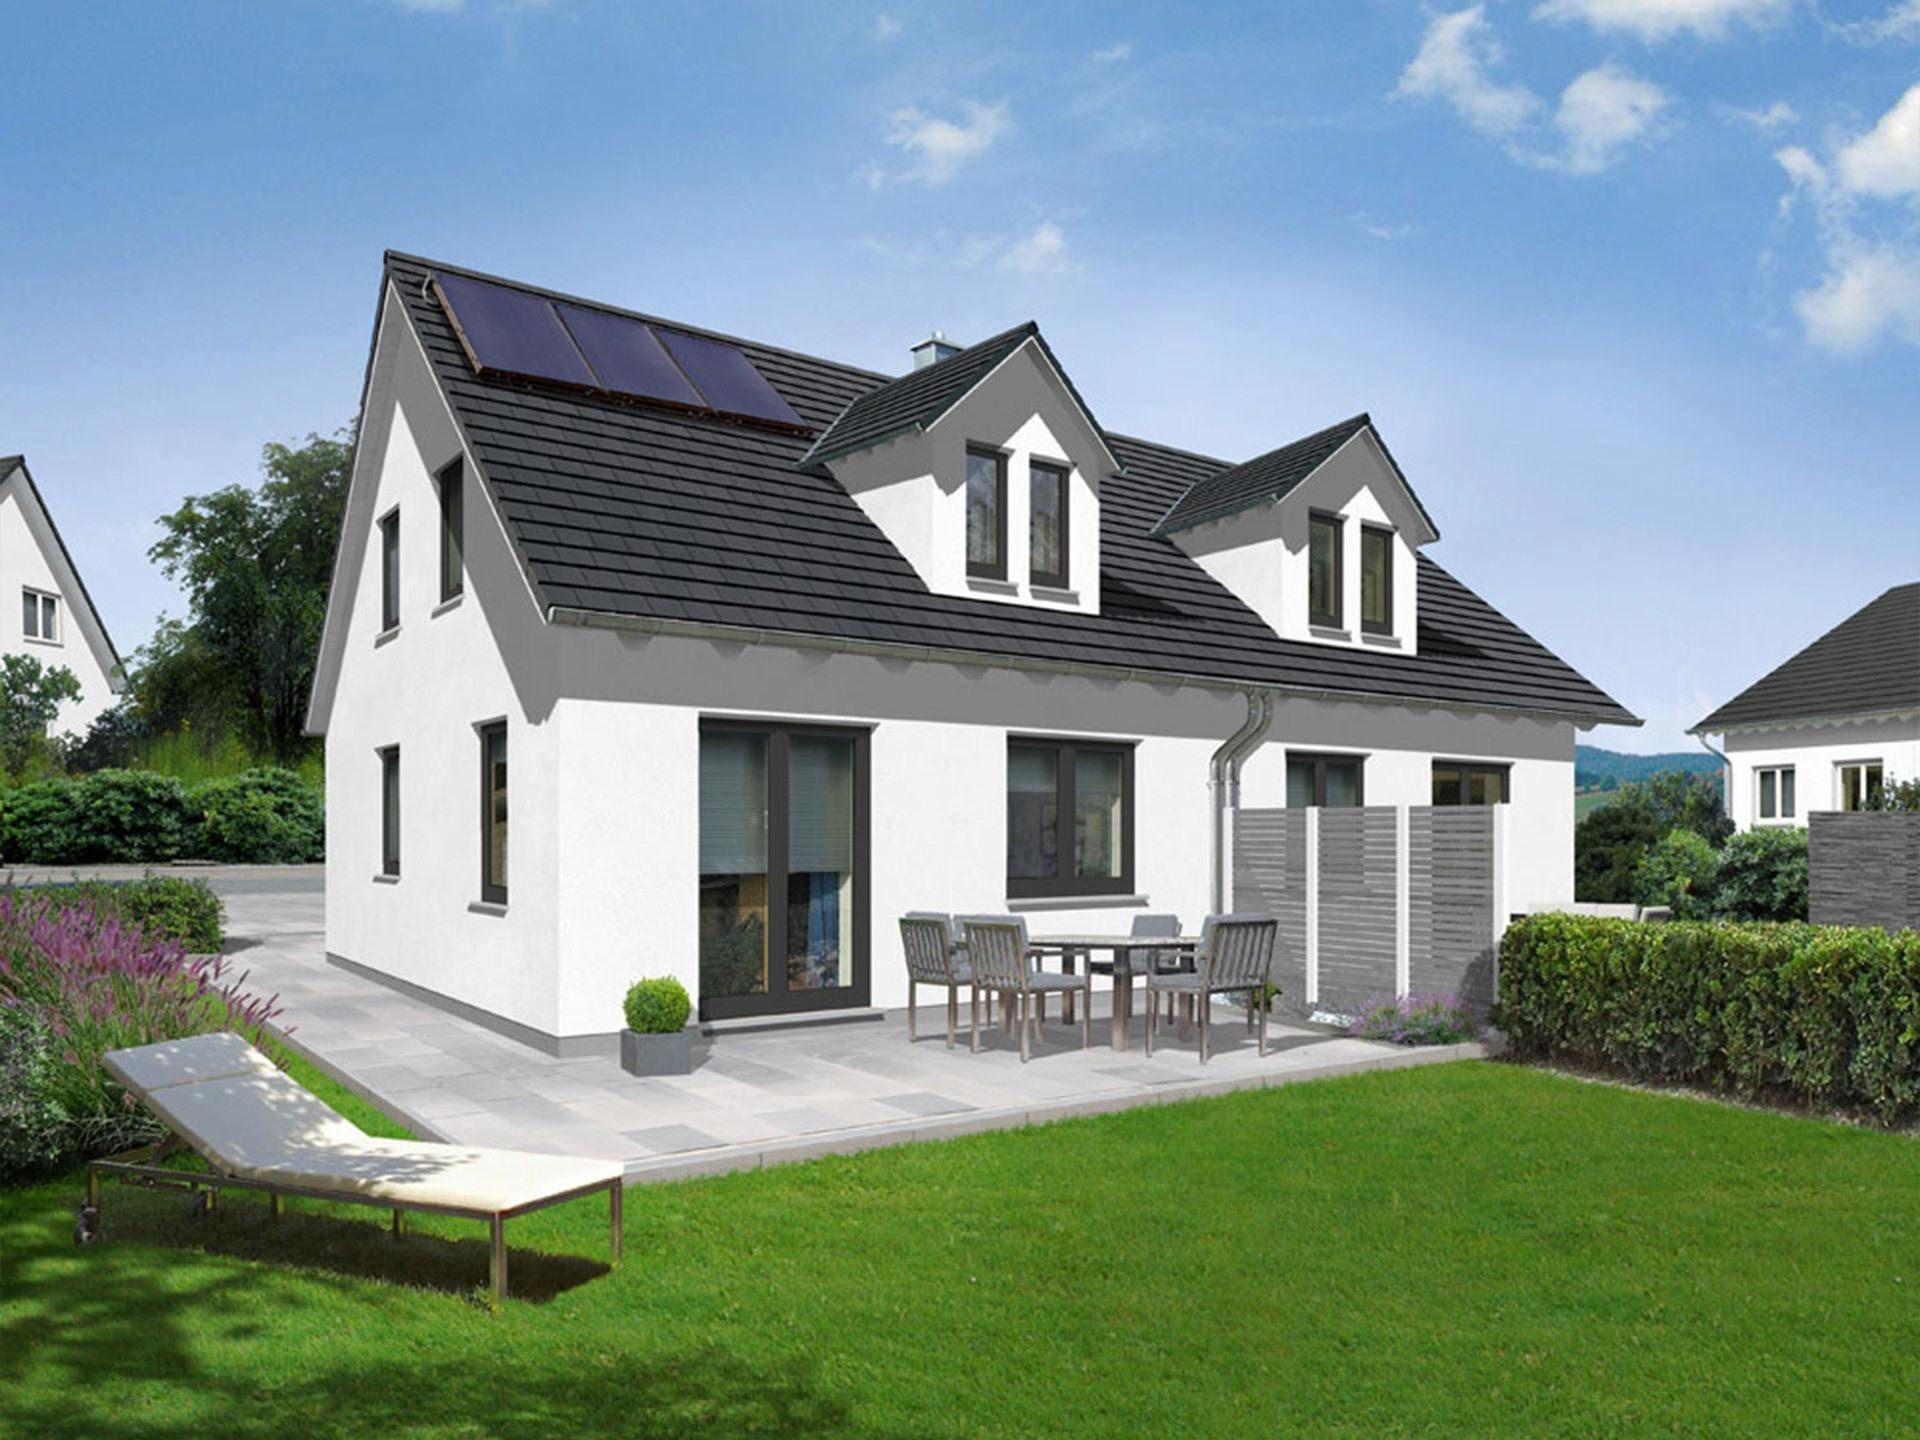 doppelhaus duett 115 bausatzhaus von prohaus h bsches energiesparhaus mit satteldach und 115. Black Bedroom Furniture Sets. Home Design Ideas